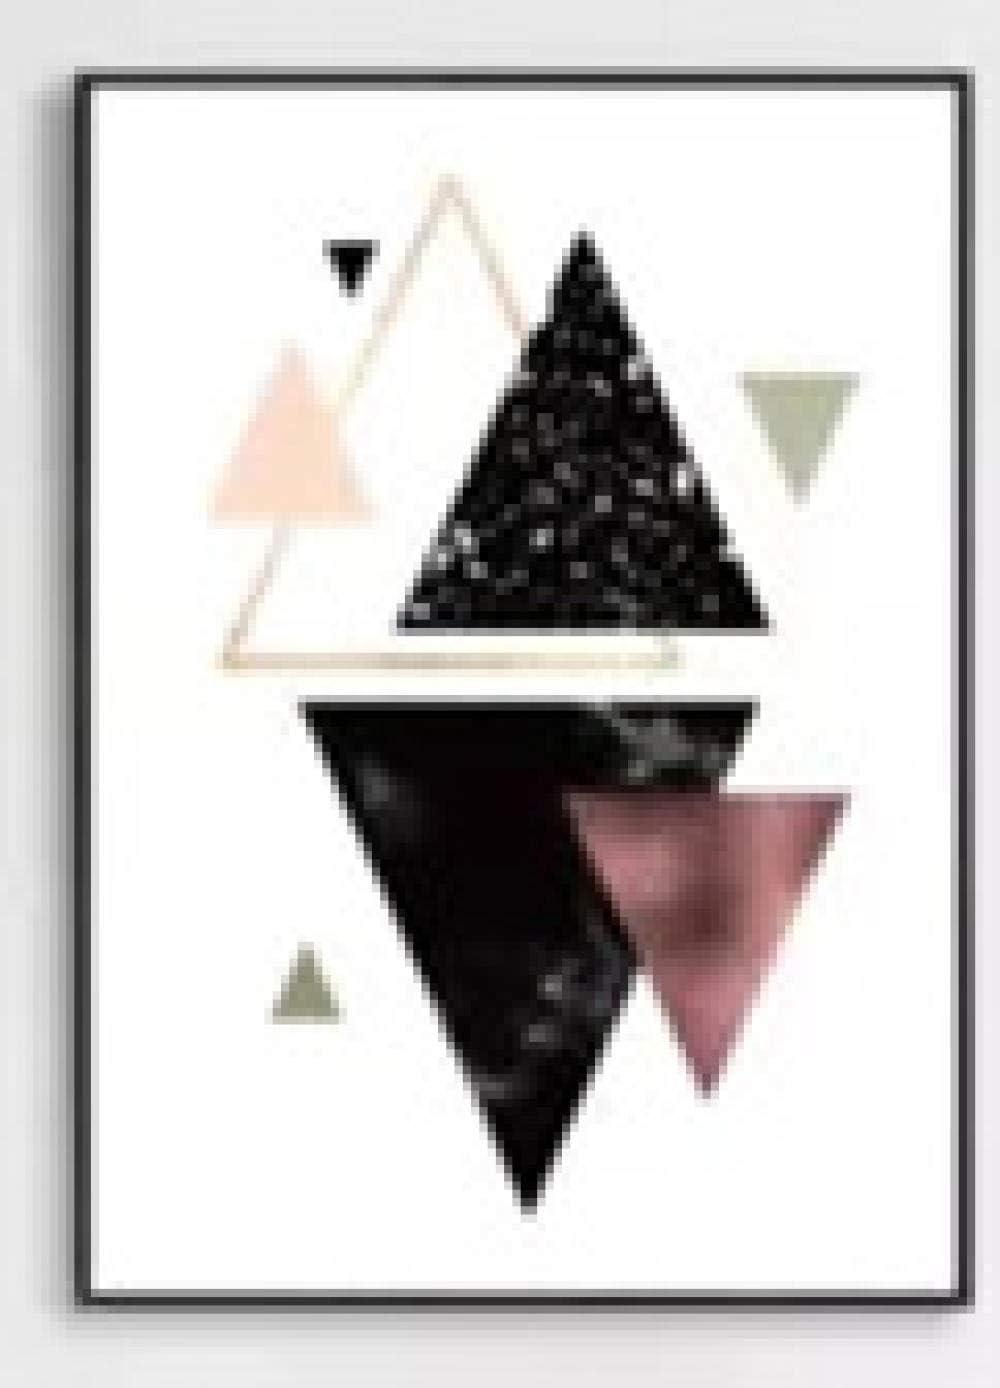 Guiwang 3 Pezzi di Arte su Tela Decorazione Astratta Pittura Immagini murali per Soggiorno Cucina Camera da Letto Cuadros Decoracion Salon Tela Artistica con cornice40x50cm